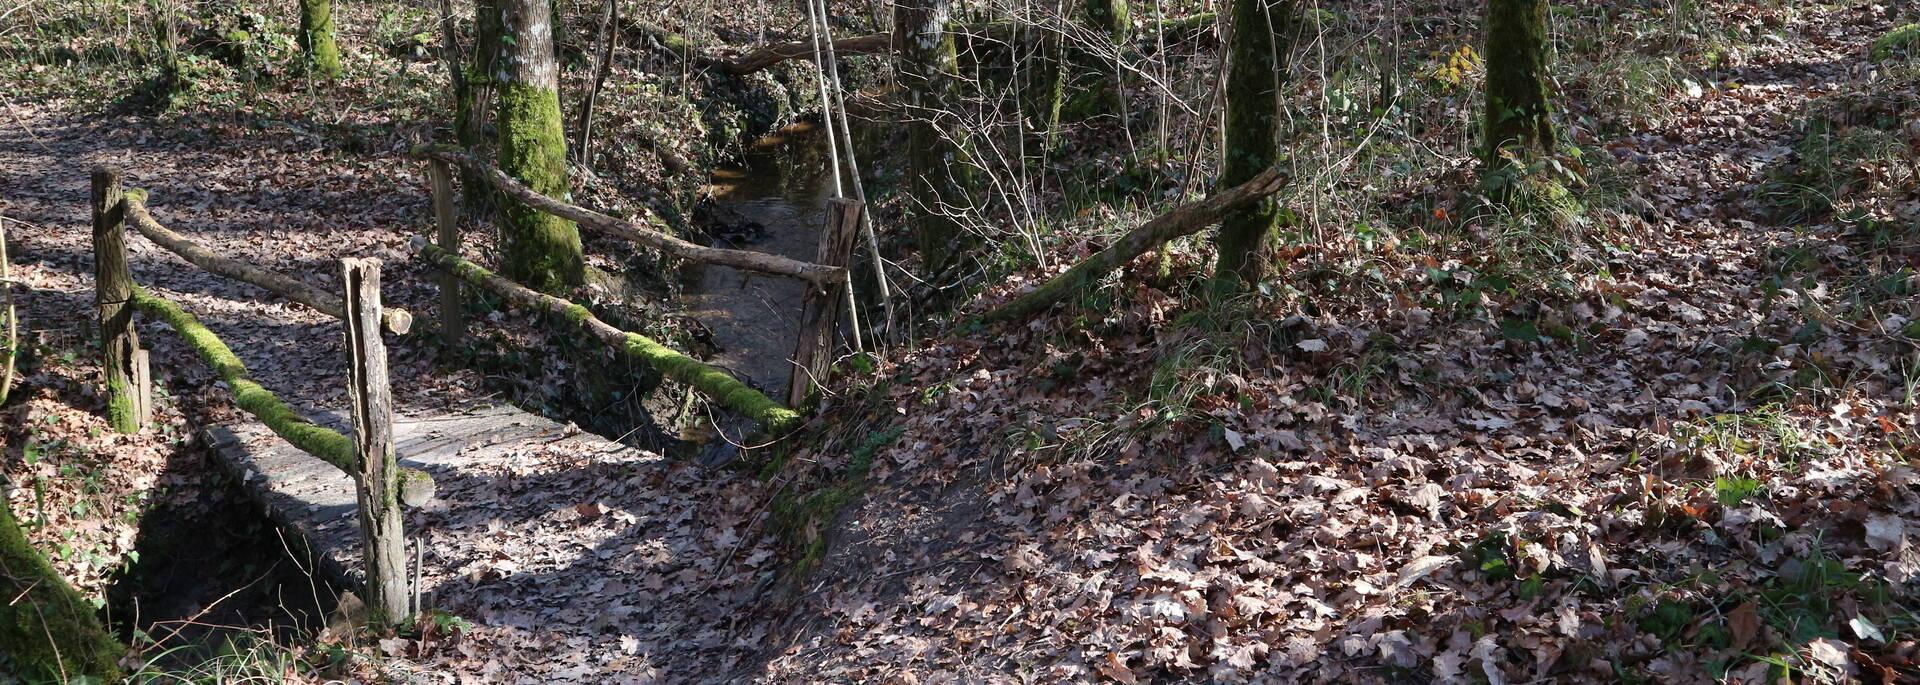 La traversée du sous-bois - © Christelle Lamothe / FDHPA 17